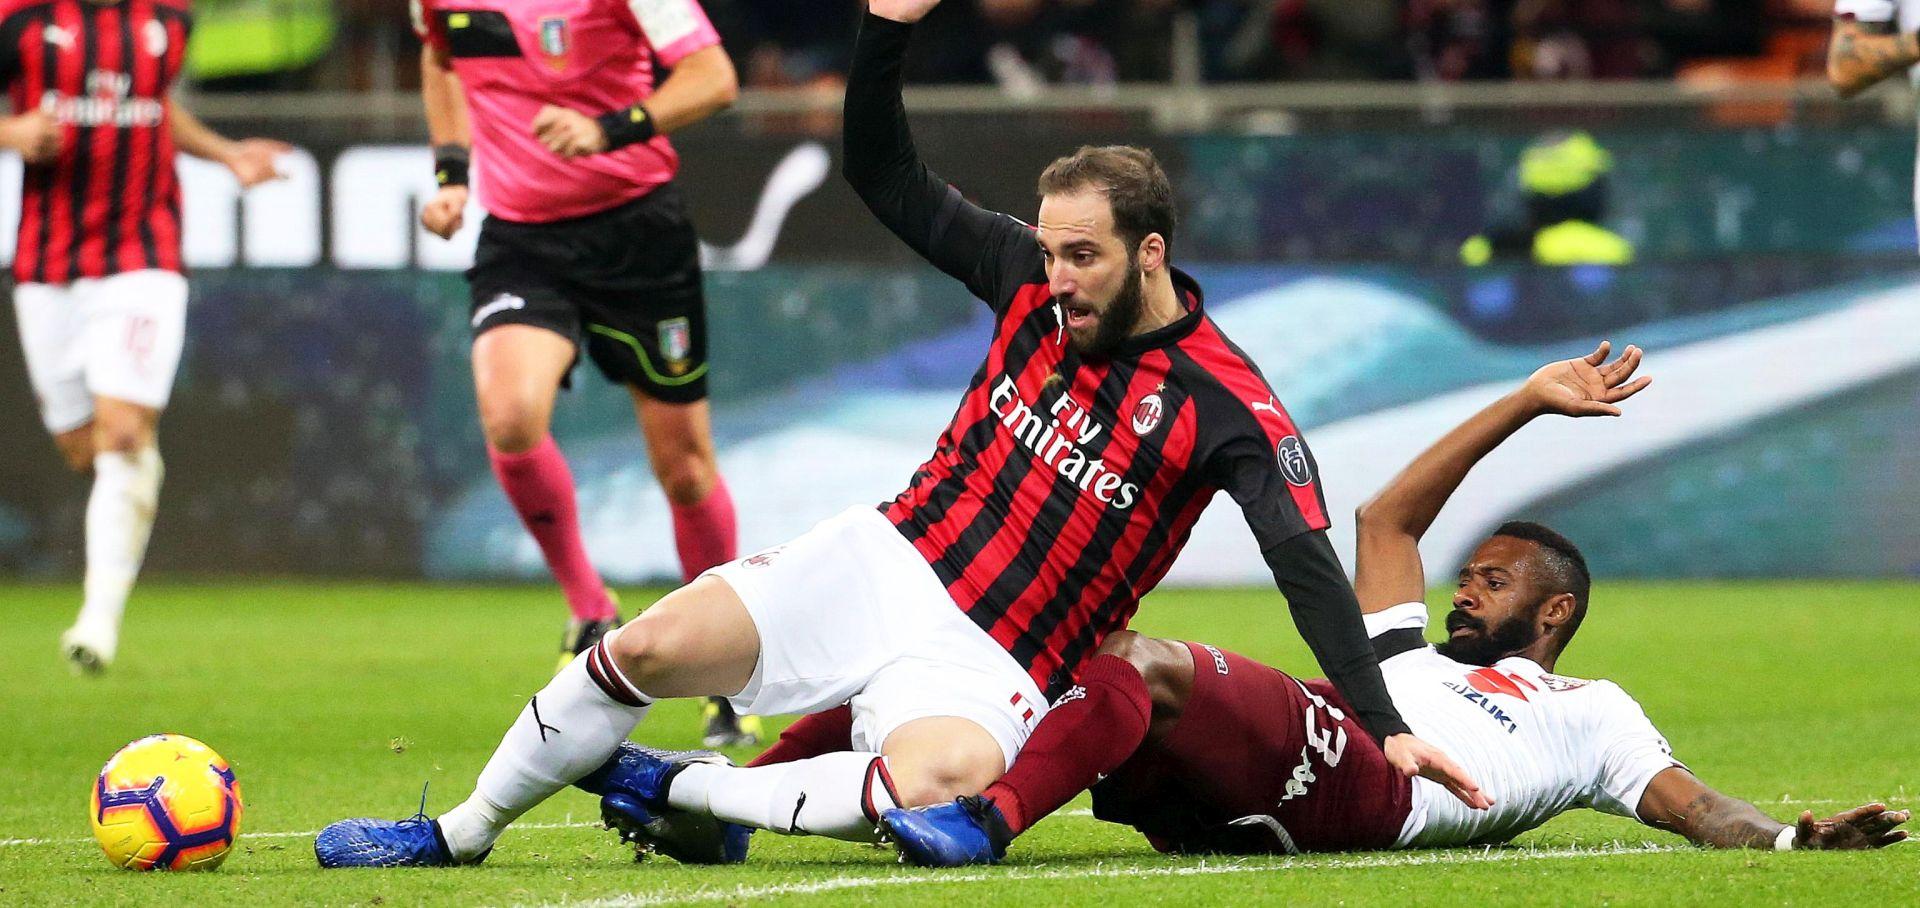 TALIJANSKI BOXING DAY Milan i Frosinone bez golova